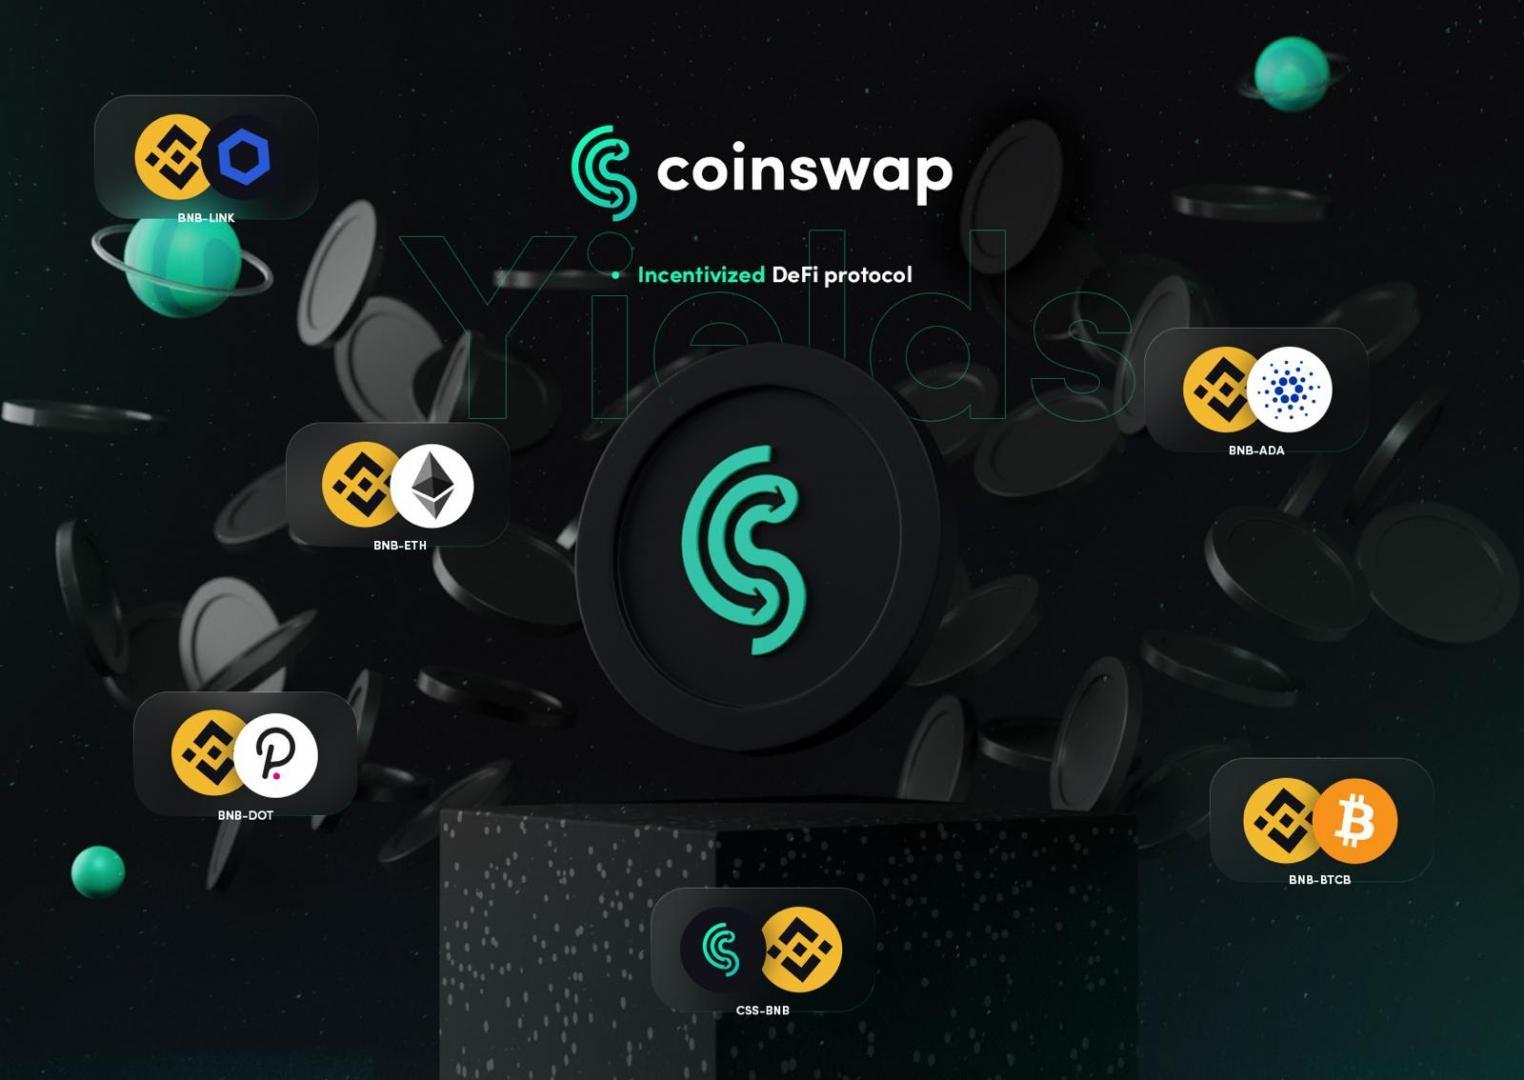 coinswap